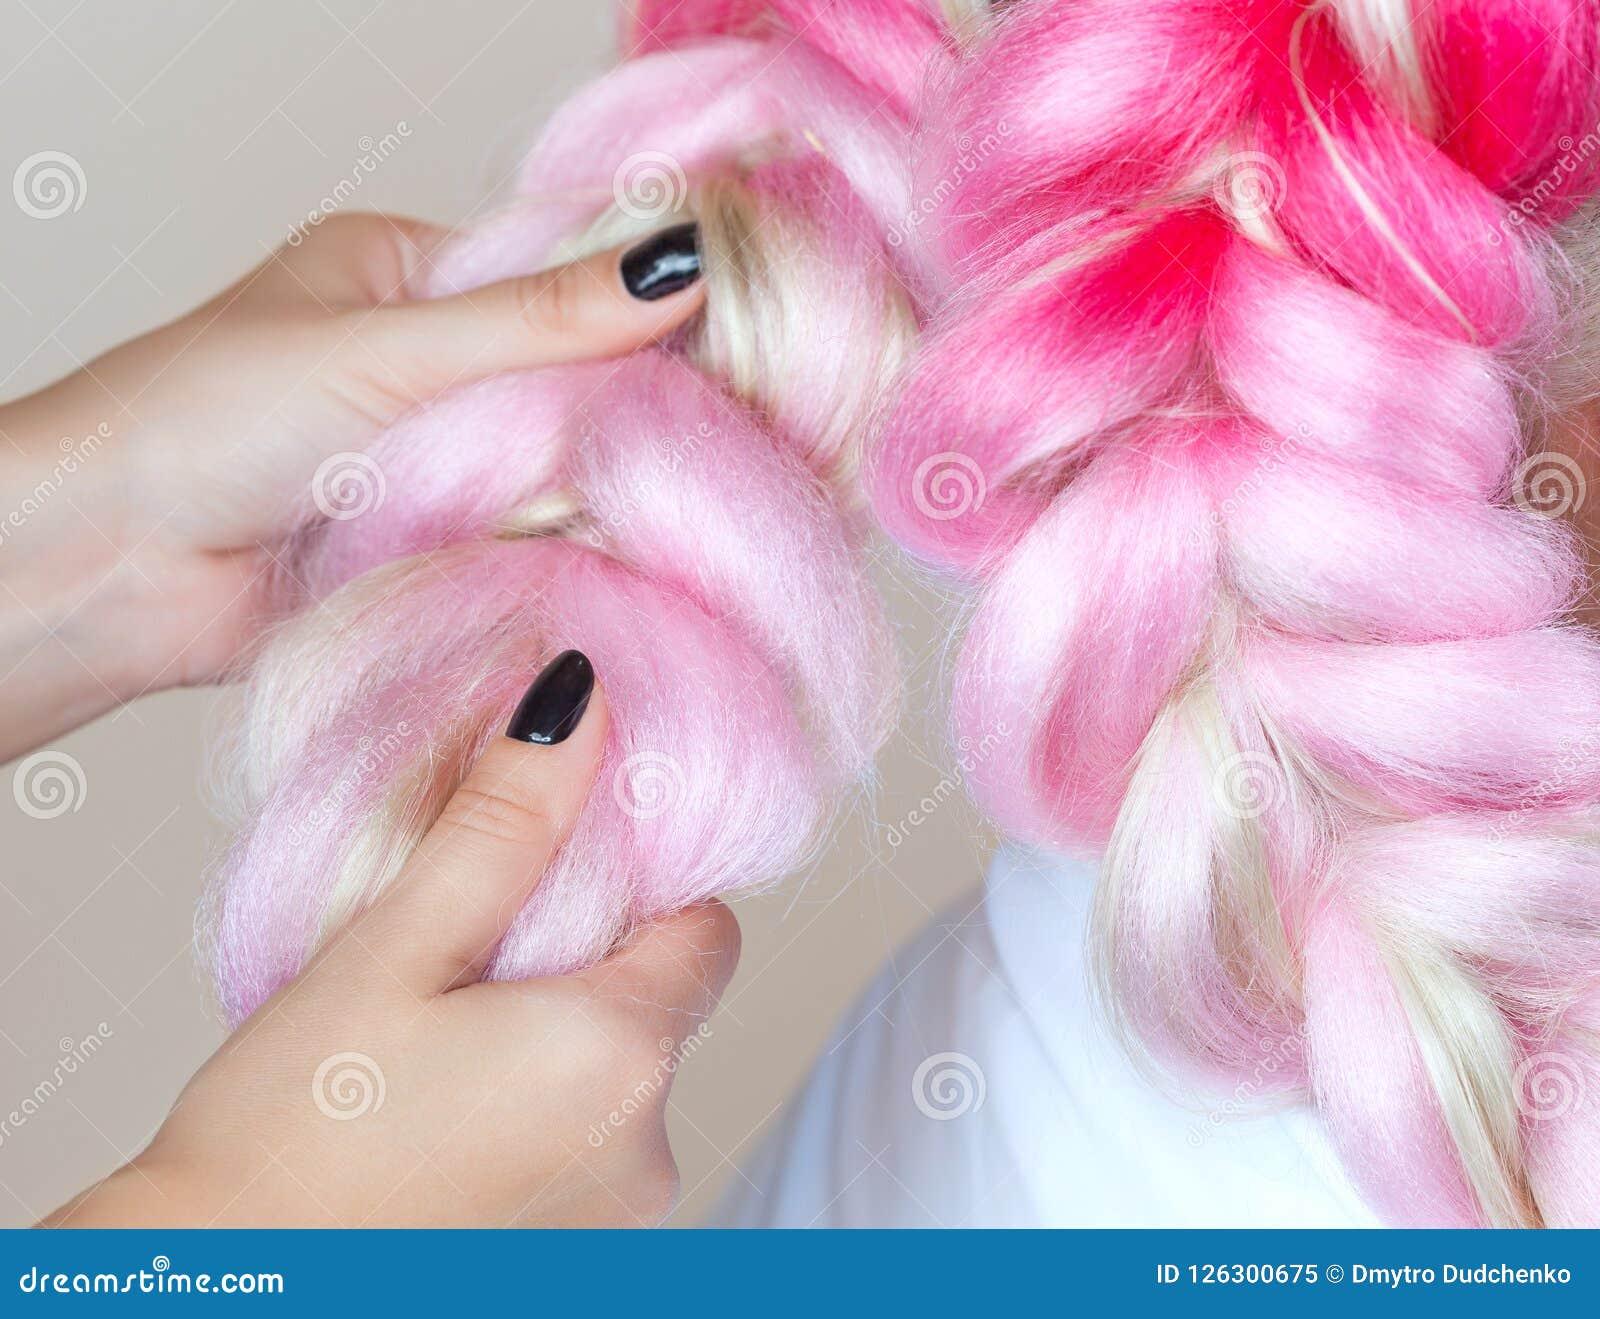 Il parrucchiere tesse le trecce con la bella bionda dei kanekalons rosa